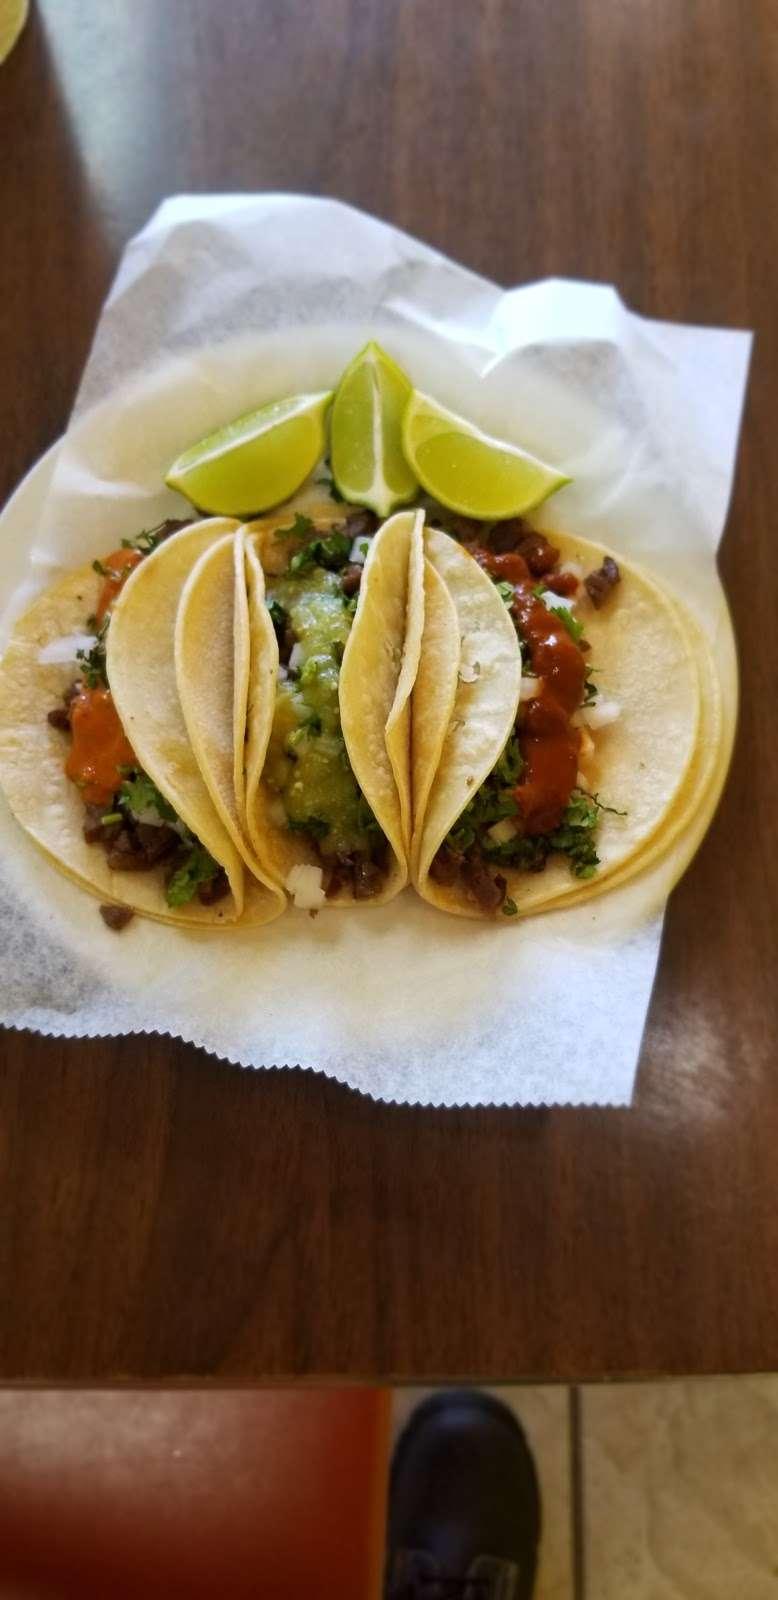 Restaurant Caminos De Michoacan - restaurant  | Photo 5 of 10 | Address: 716 Murphy Rd, Stafford, TX 77477, USA | Phone: (832) 539-6441